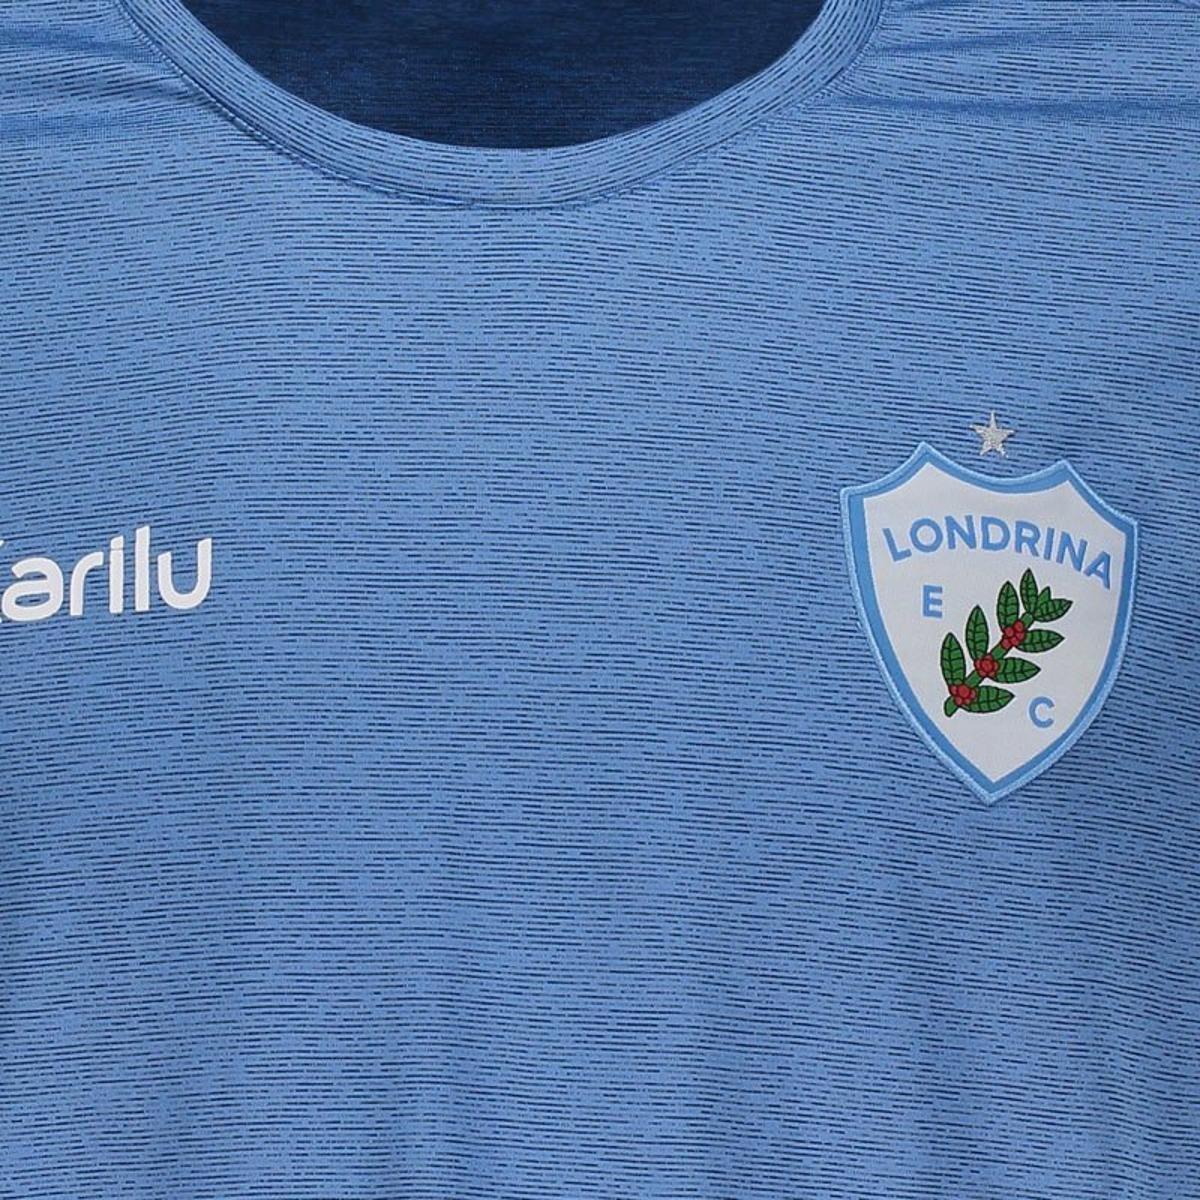 Camisa Karilu Londrina Viagem 2018 Masculina - Azul - Compre Agora ... 883ca9412c361